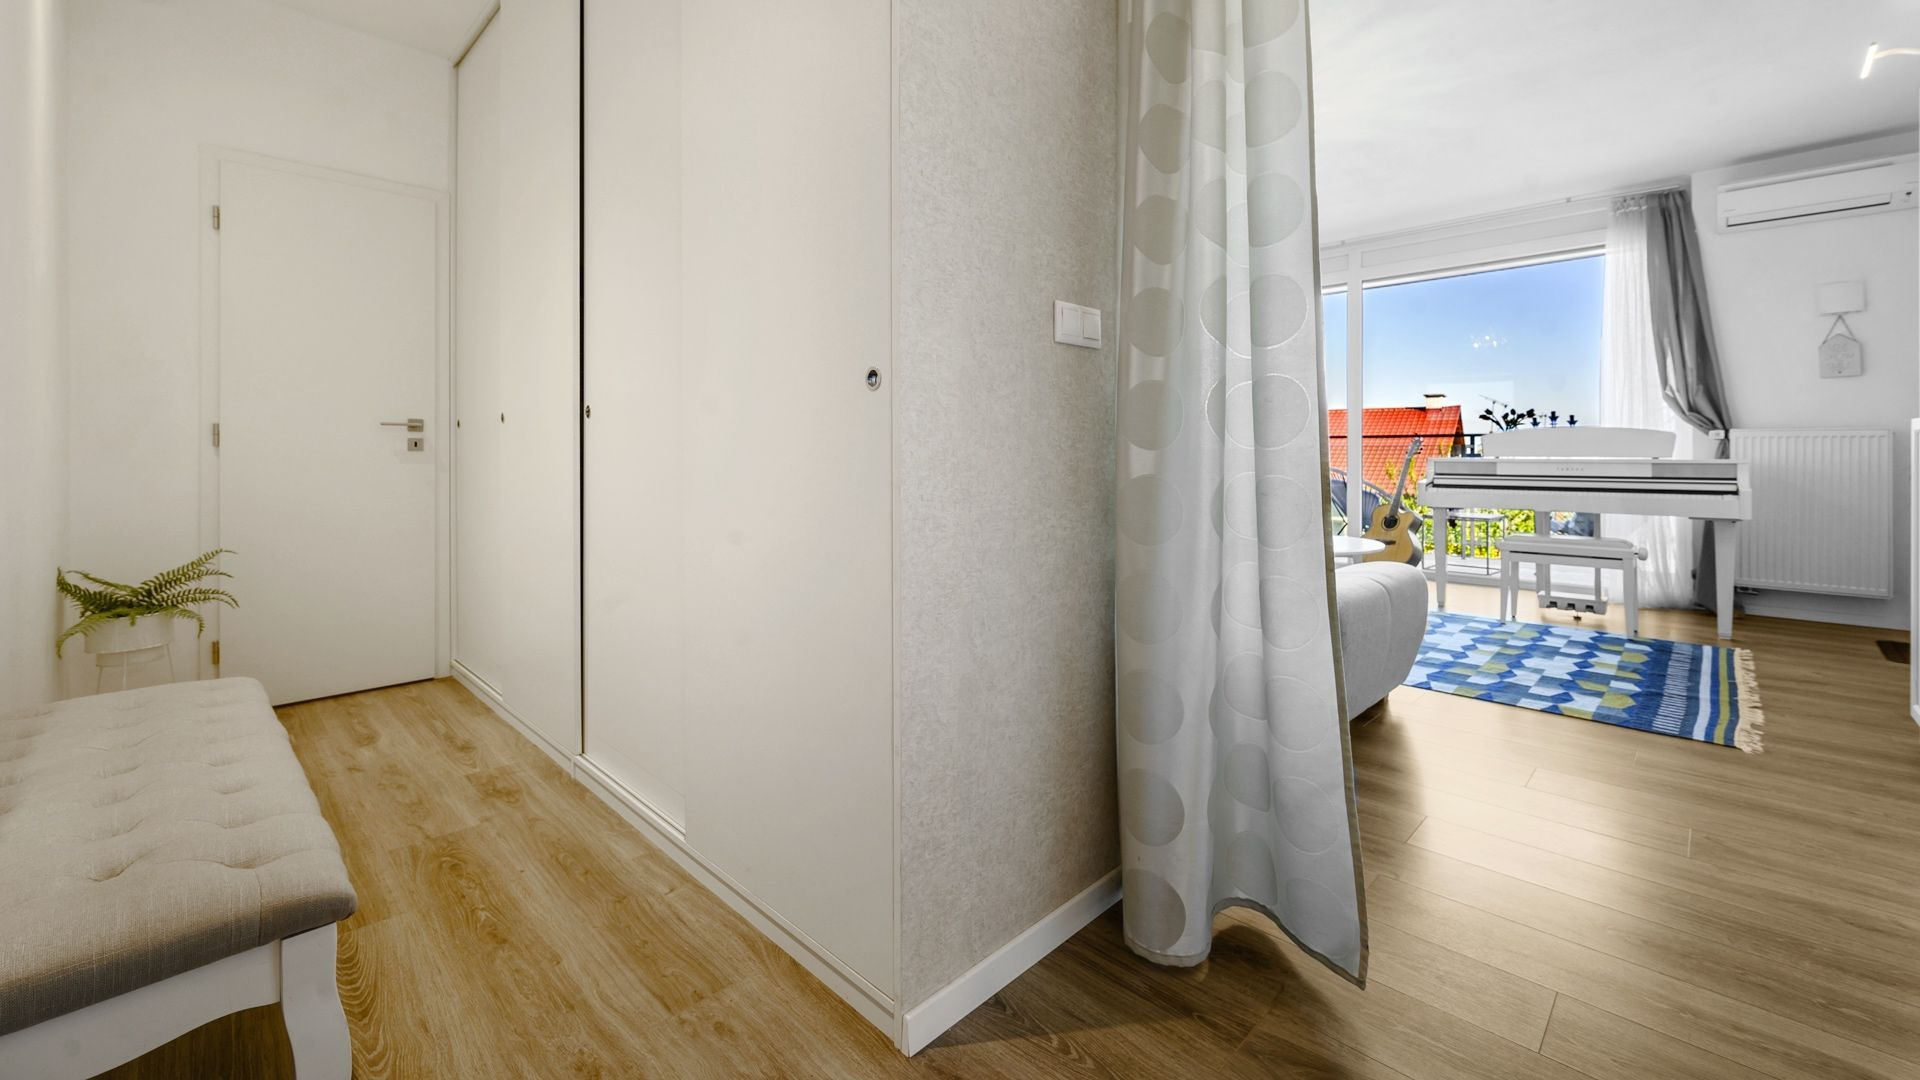 3D OBHLIADKA: Krásny 3 izbový byt na Kolibe s výhľadom na Bratislavu